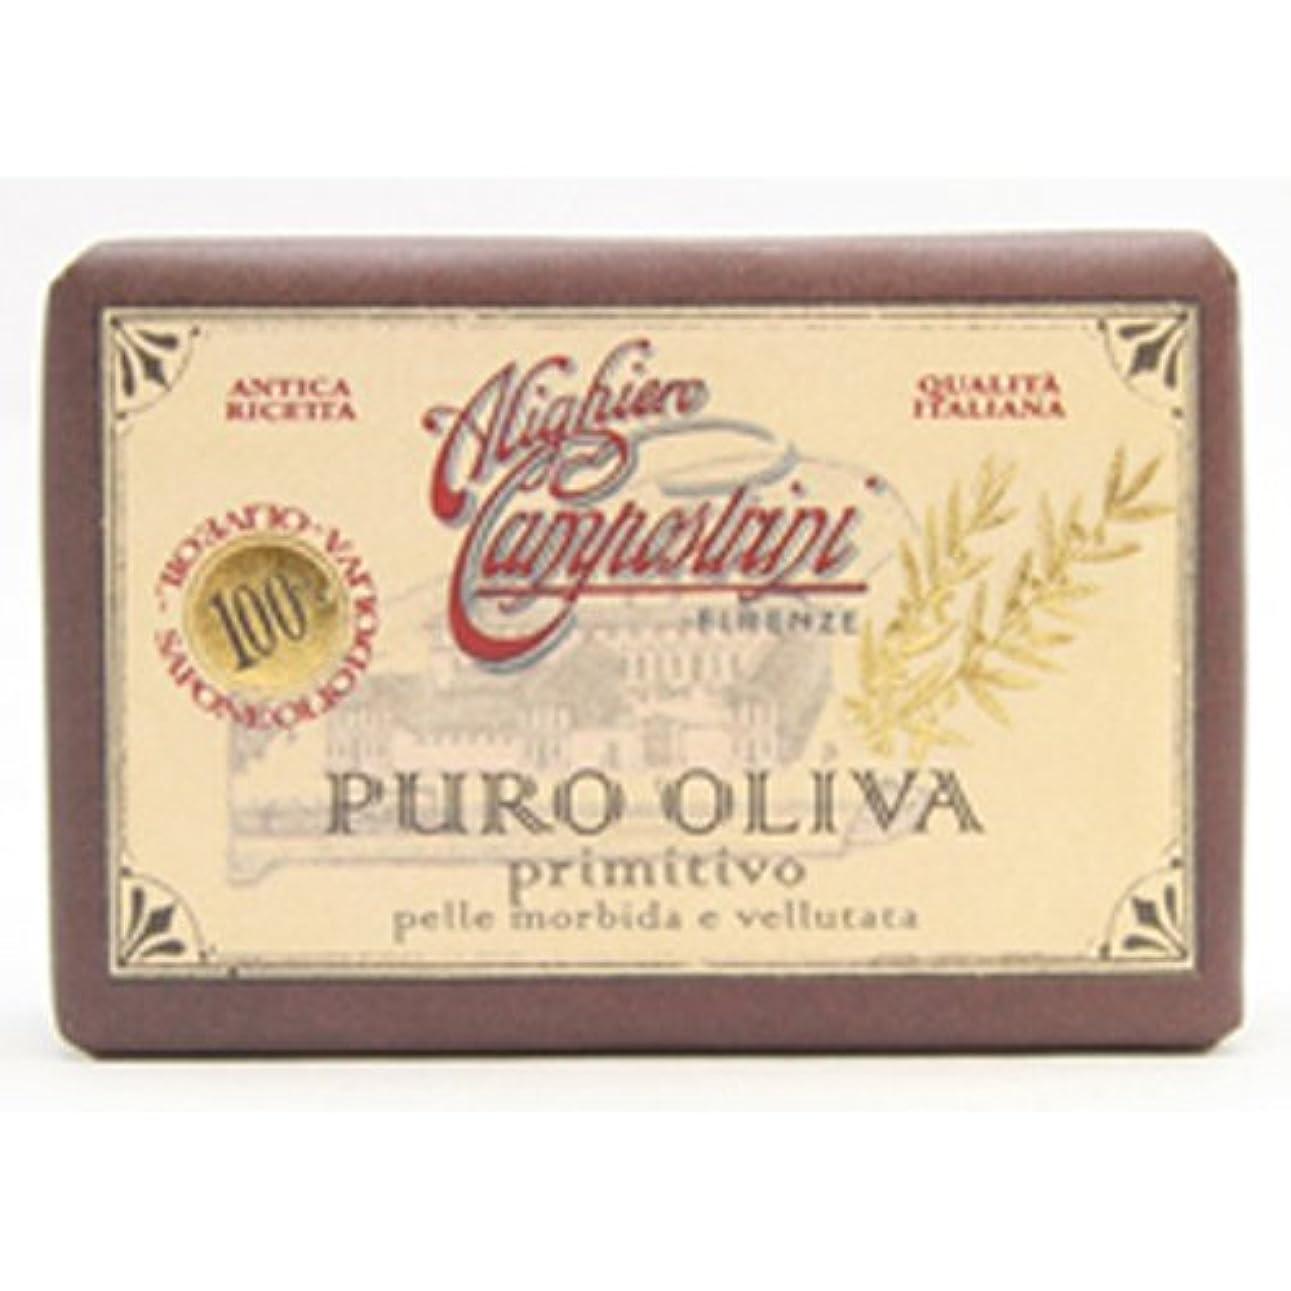 アサートテレビ局甘美なSaponerire Fissi サポネリーフィッシー PURO OLIVA Soap オリーブオイル ピュロ ソープ primitivo オリジナル 150g